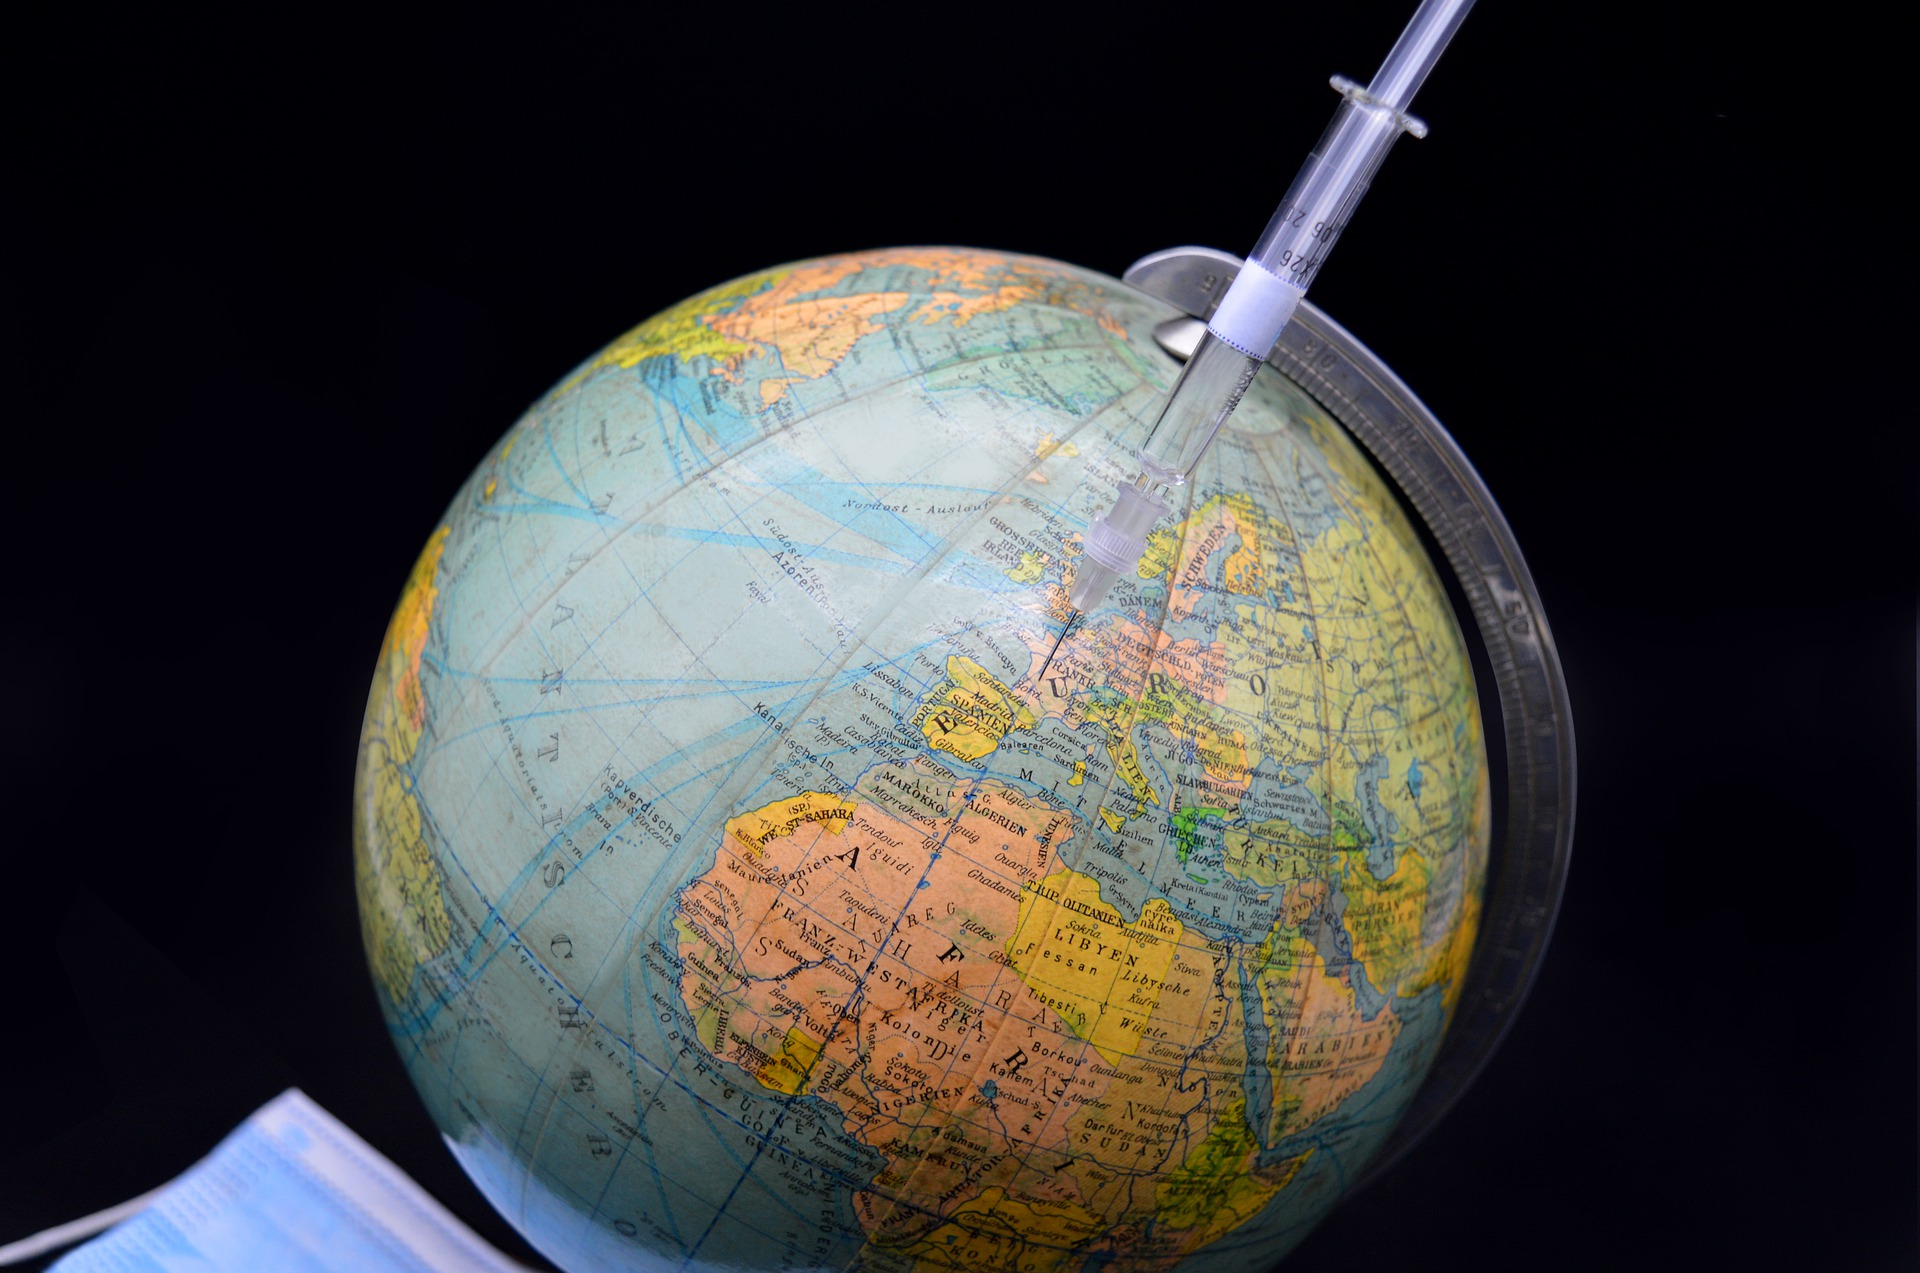 'Абсолютно не согласны': Песков оценил заявление Макрона о 'мировой войне нового типа' из-за вакцин